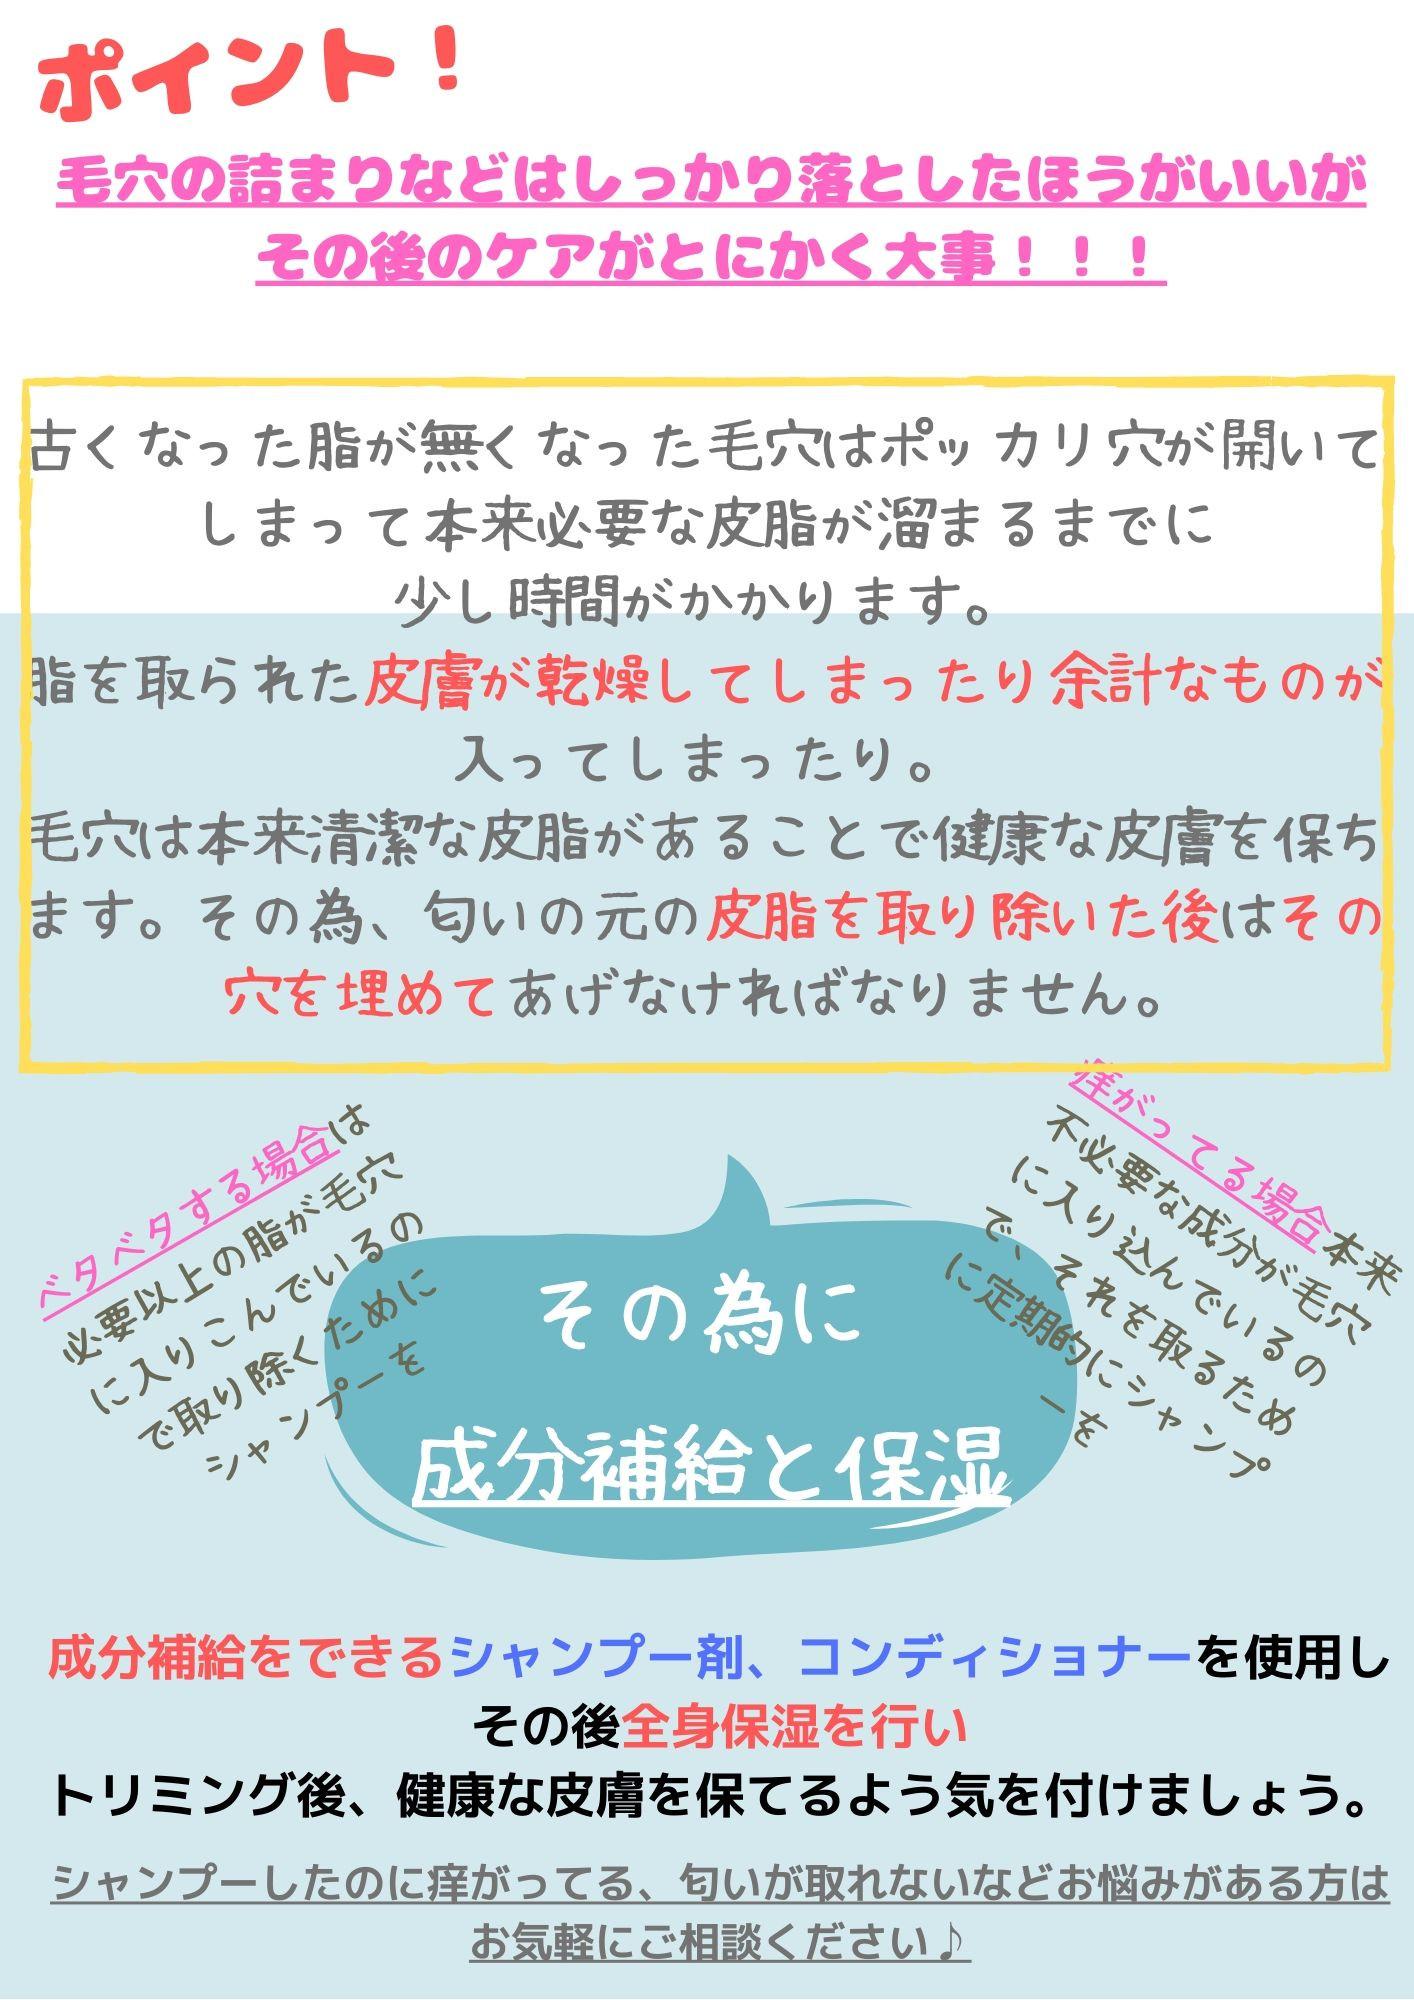 短毛種シャンプー2.jpg